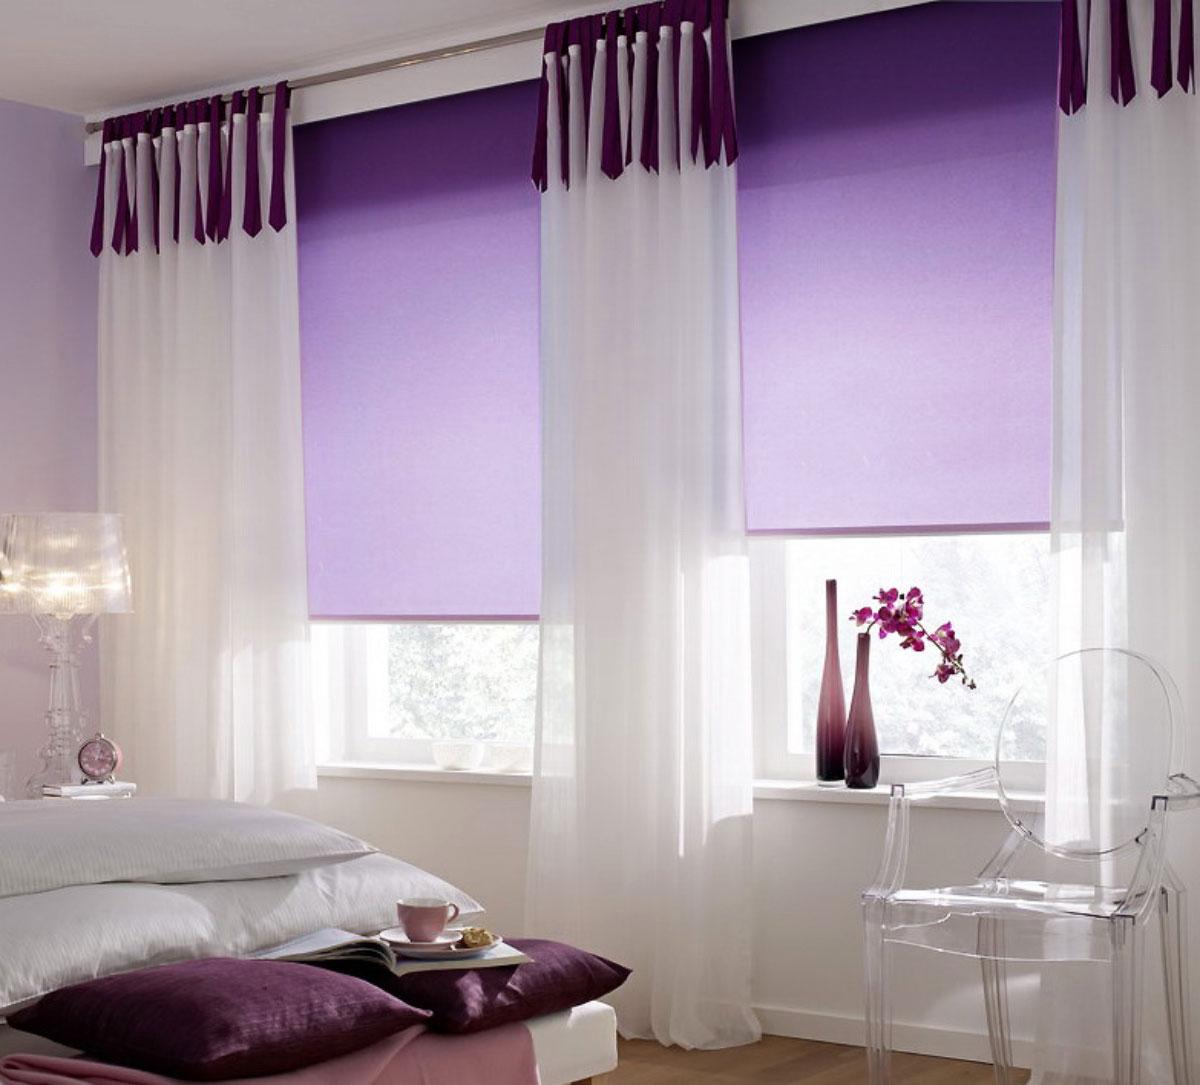 Штора рулонная Миниролло, 62х170см, тканевые, цвет: фиолетовый3062007Рулонная штора Миниролло выполнена из высокопрочной ткани, которая сохраняет свой размер даже при намокании. Ткань не выцветает и обладает отличной цветоустойчивостью. Миниролло - это подвид рулонных штор, который закрывает не весь оконный проем, а непосредственно само стекло. Такие шторы крепятся на раму без сверления при помощи зажимов или клейкой двухсторонней ленты. Окно остается на гарантии, благодаря монтажу без сверления. Такая штора станет прекрасным элементом декора окна и гармонично впишется в интерьер любого помещения.